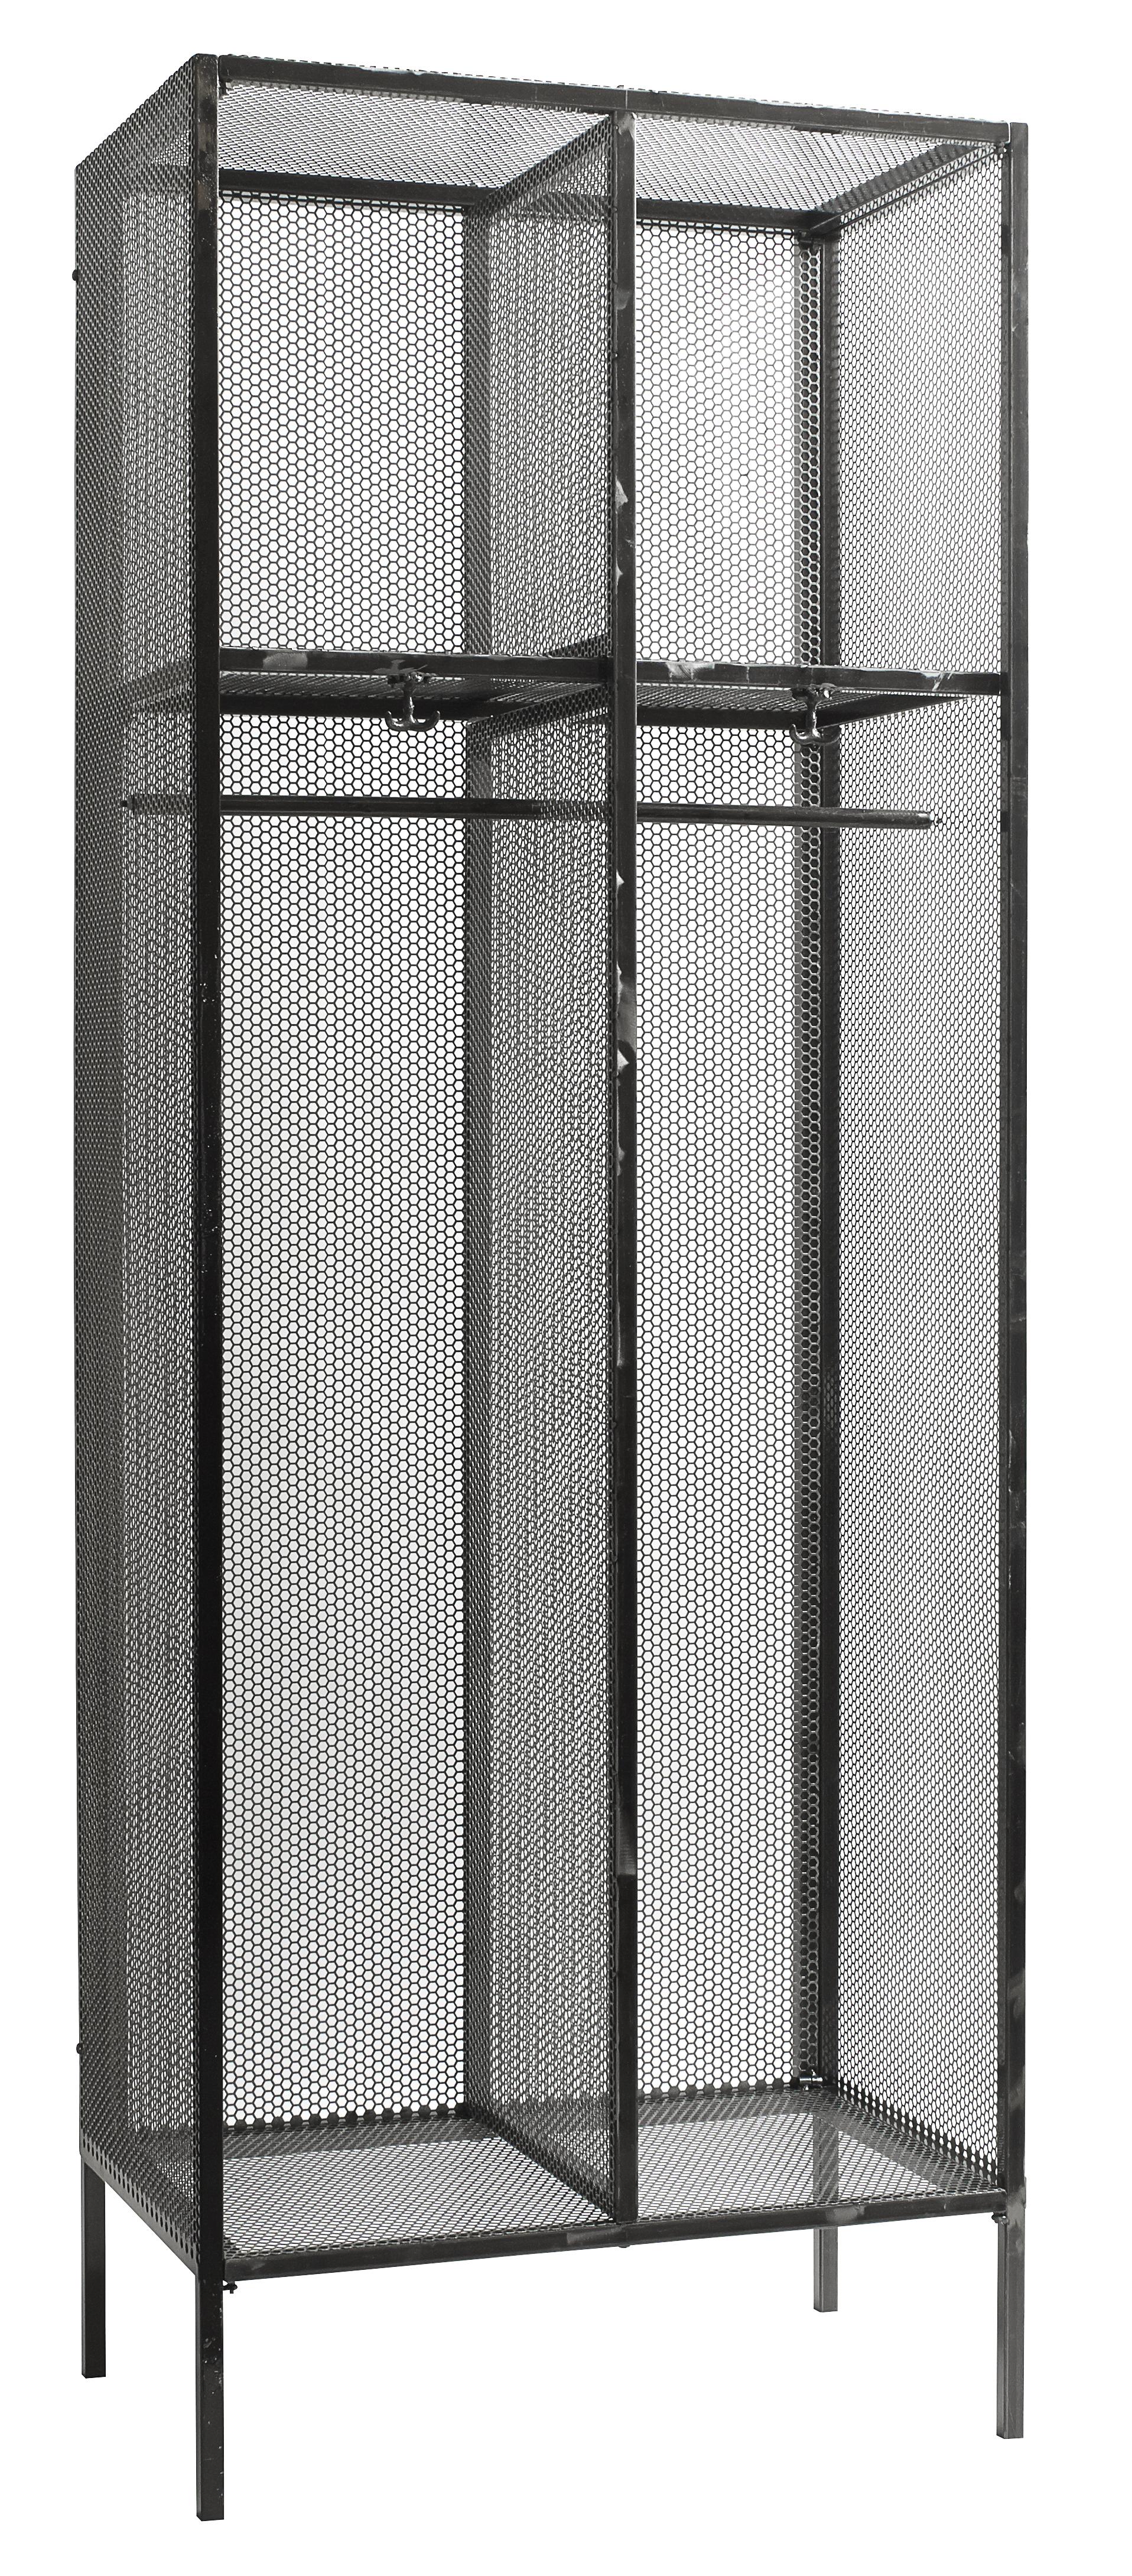 Comprar armario negro hierro nordico 200 x 200 nordal - Armarios de hierro ...